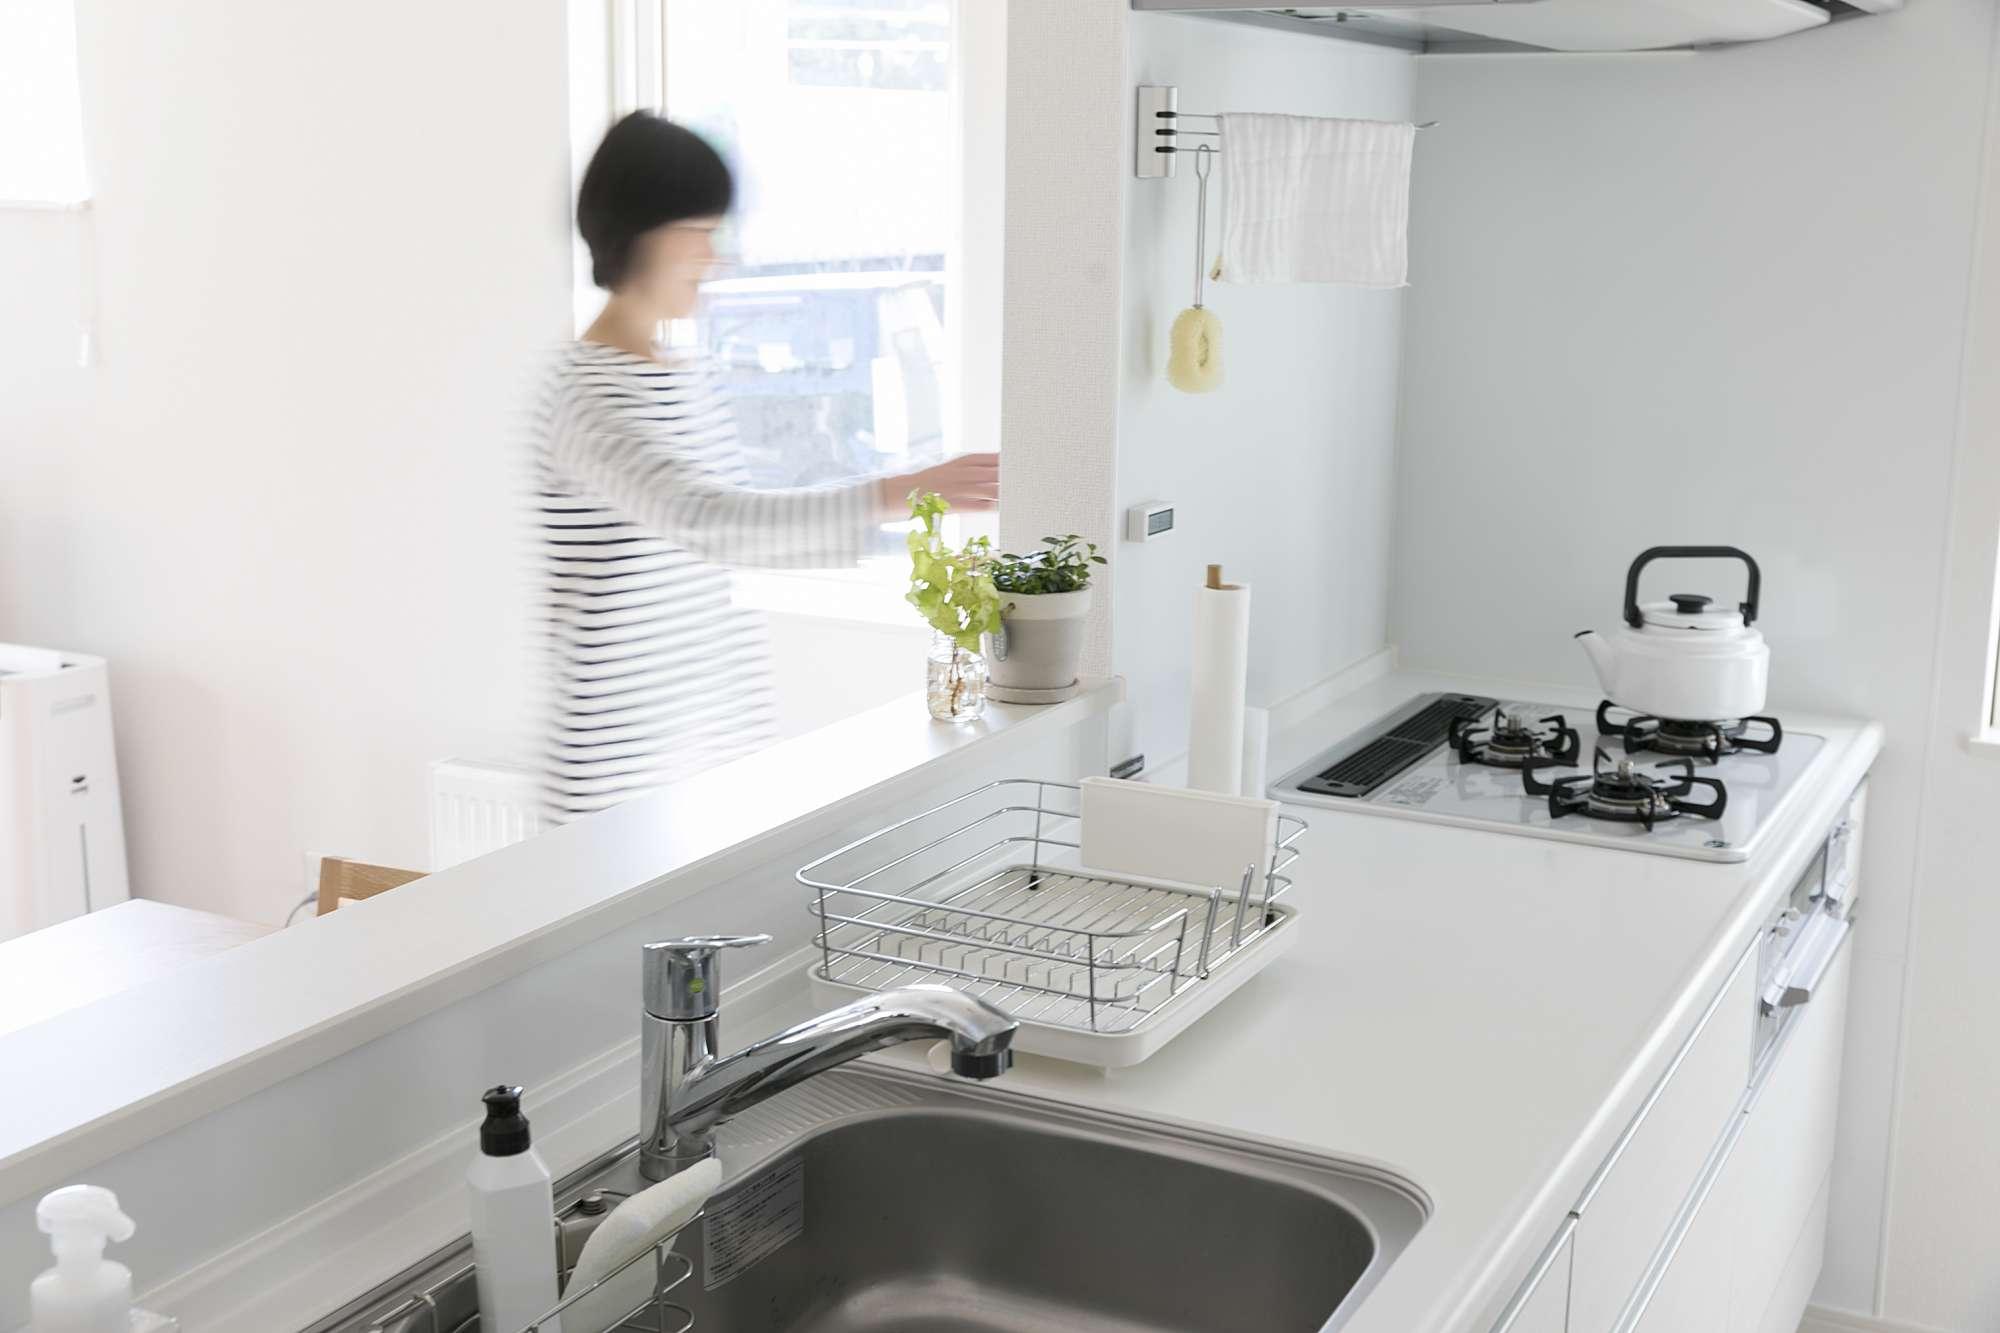 使いやすく機能的なキッチンは、奥さまもお気に入り - 機能的な水まわり設備と、冬も暖かい暮らし。以前の家より広く快適になった住まいですが「光熱費が半分以下になりました」!と奥さま。以前はガス+灯油で冬場は月45000円ほどだったそうなので、ランニングコストにも優しい家が完成です。Wさまの感想「家づくりの打ち合わせがはじまると、想像していた以上に丁寧でした。とくに契約前の説明がわかりやすかったことが安心。会社の一方的な話ではなく「建てる私たち目線」で、納得してから契約ができました。企画型のプランから、一部設計の変更をオーダー。その時も大井さん(設計)が親切に対応してくれて。リビングの柱をずらしたり、玄関からキッチンへと回遊式にしたり、トイレの向きを変えたりも、快く対応してくれました」。 -  -